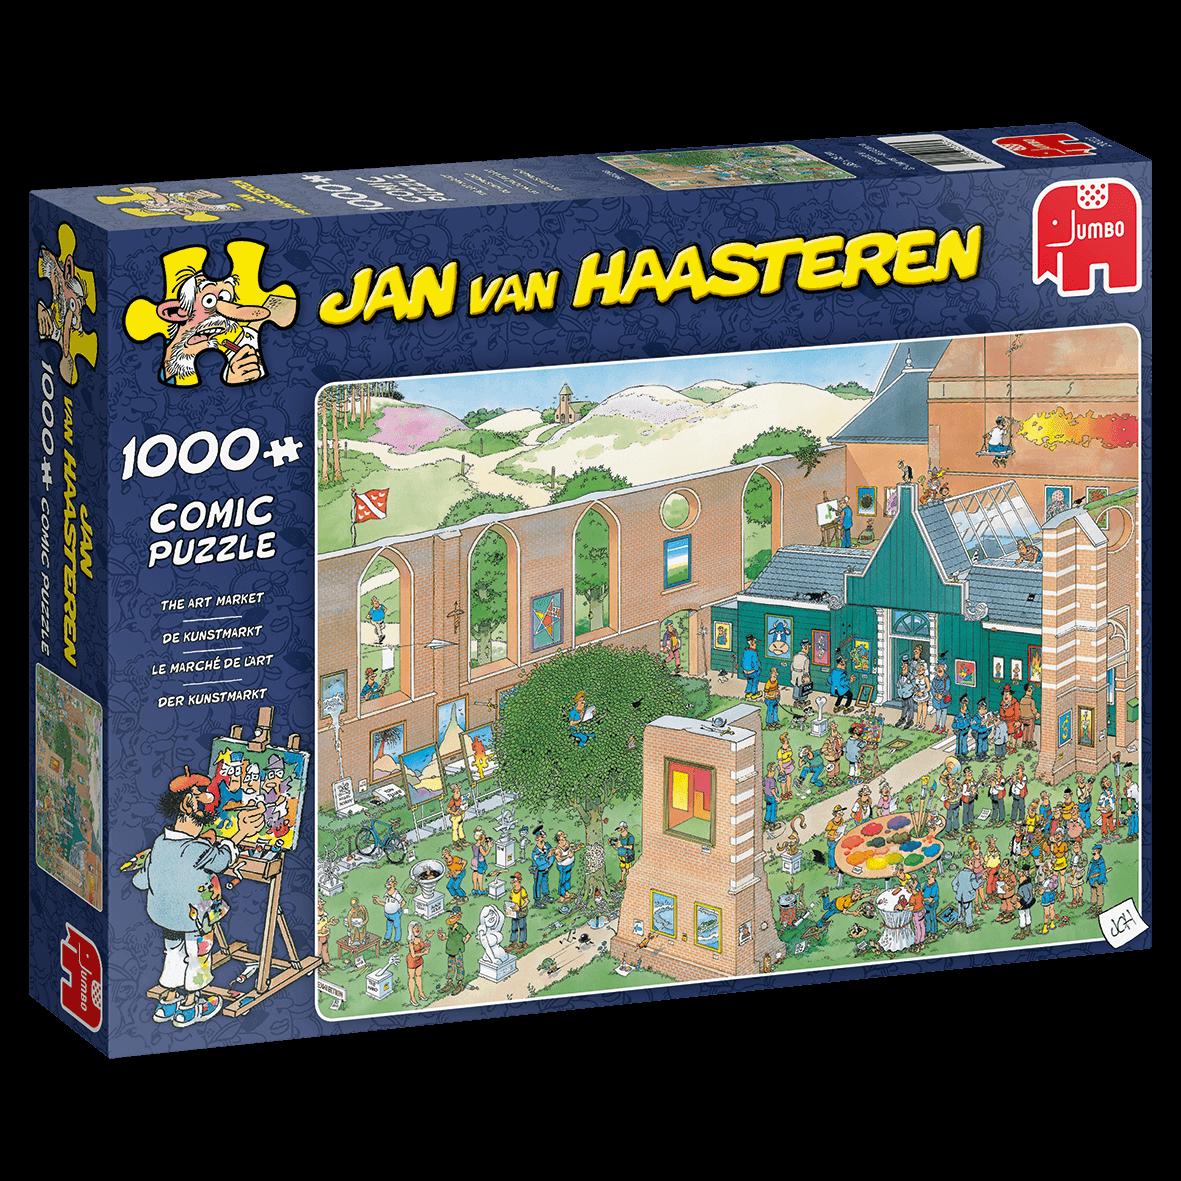 Jumbo 1000 pzs. Jan Van Haasteren, The Art Marker